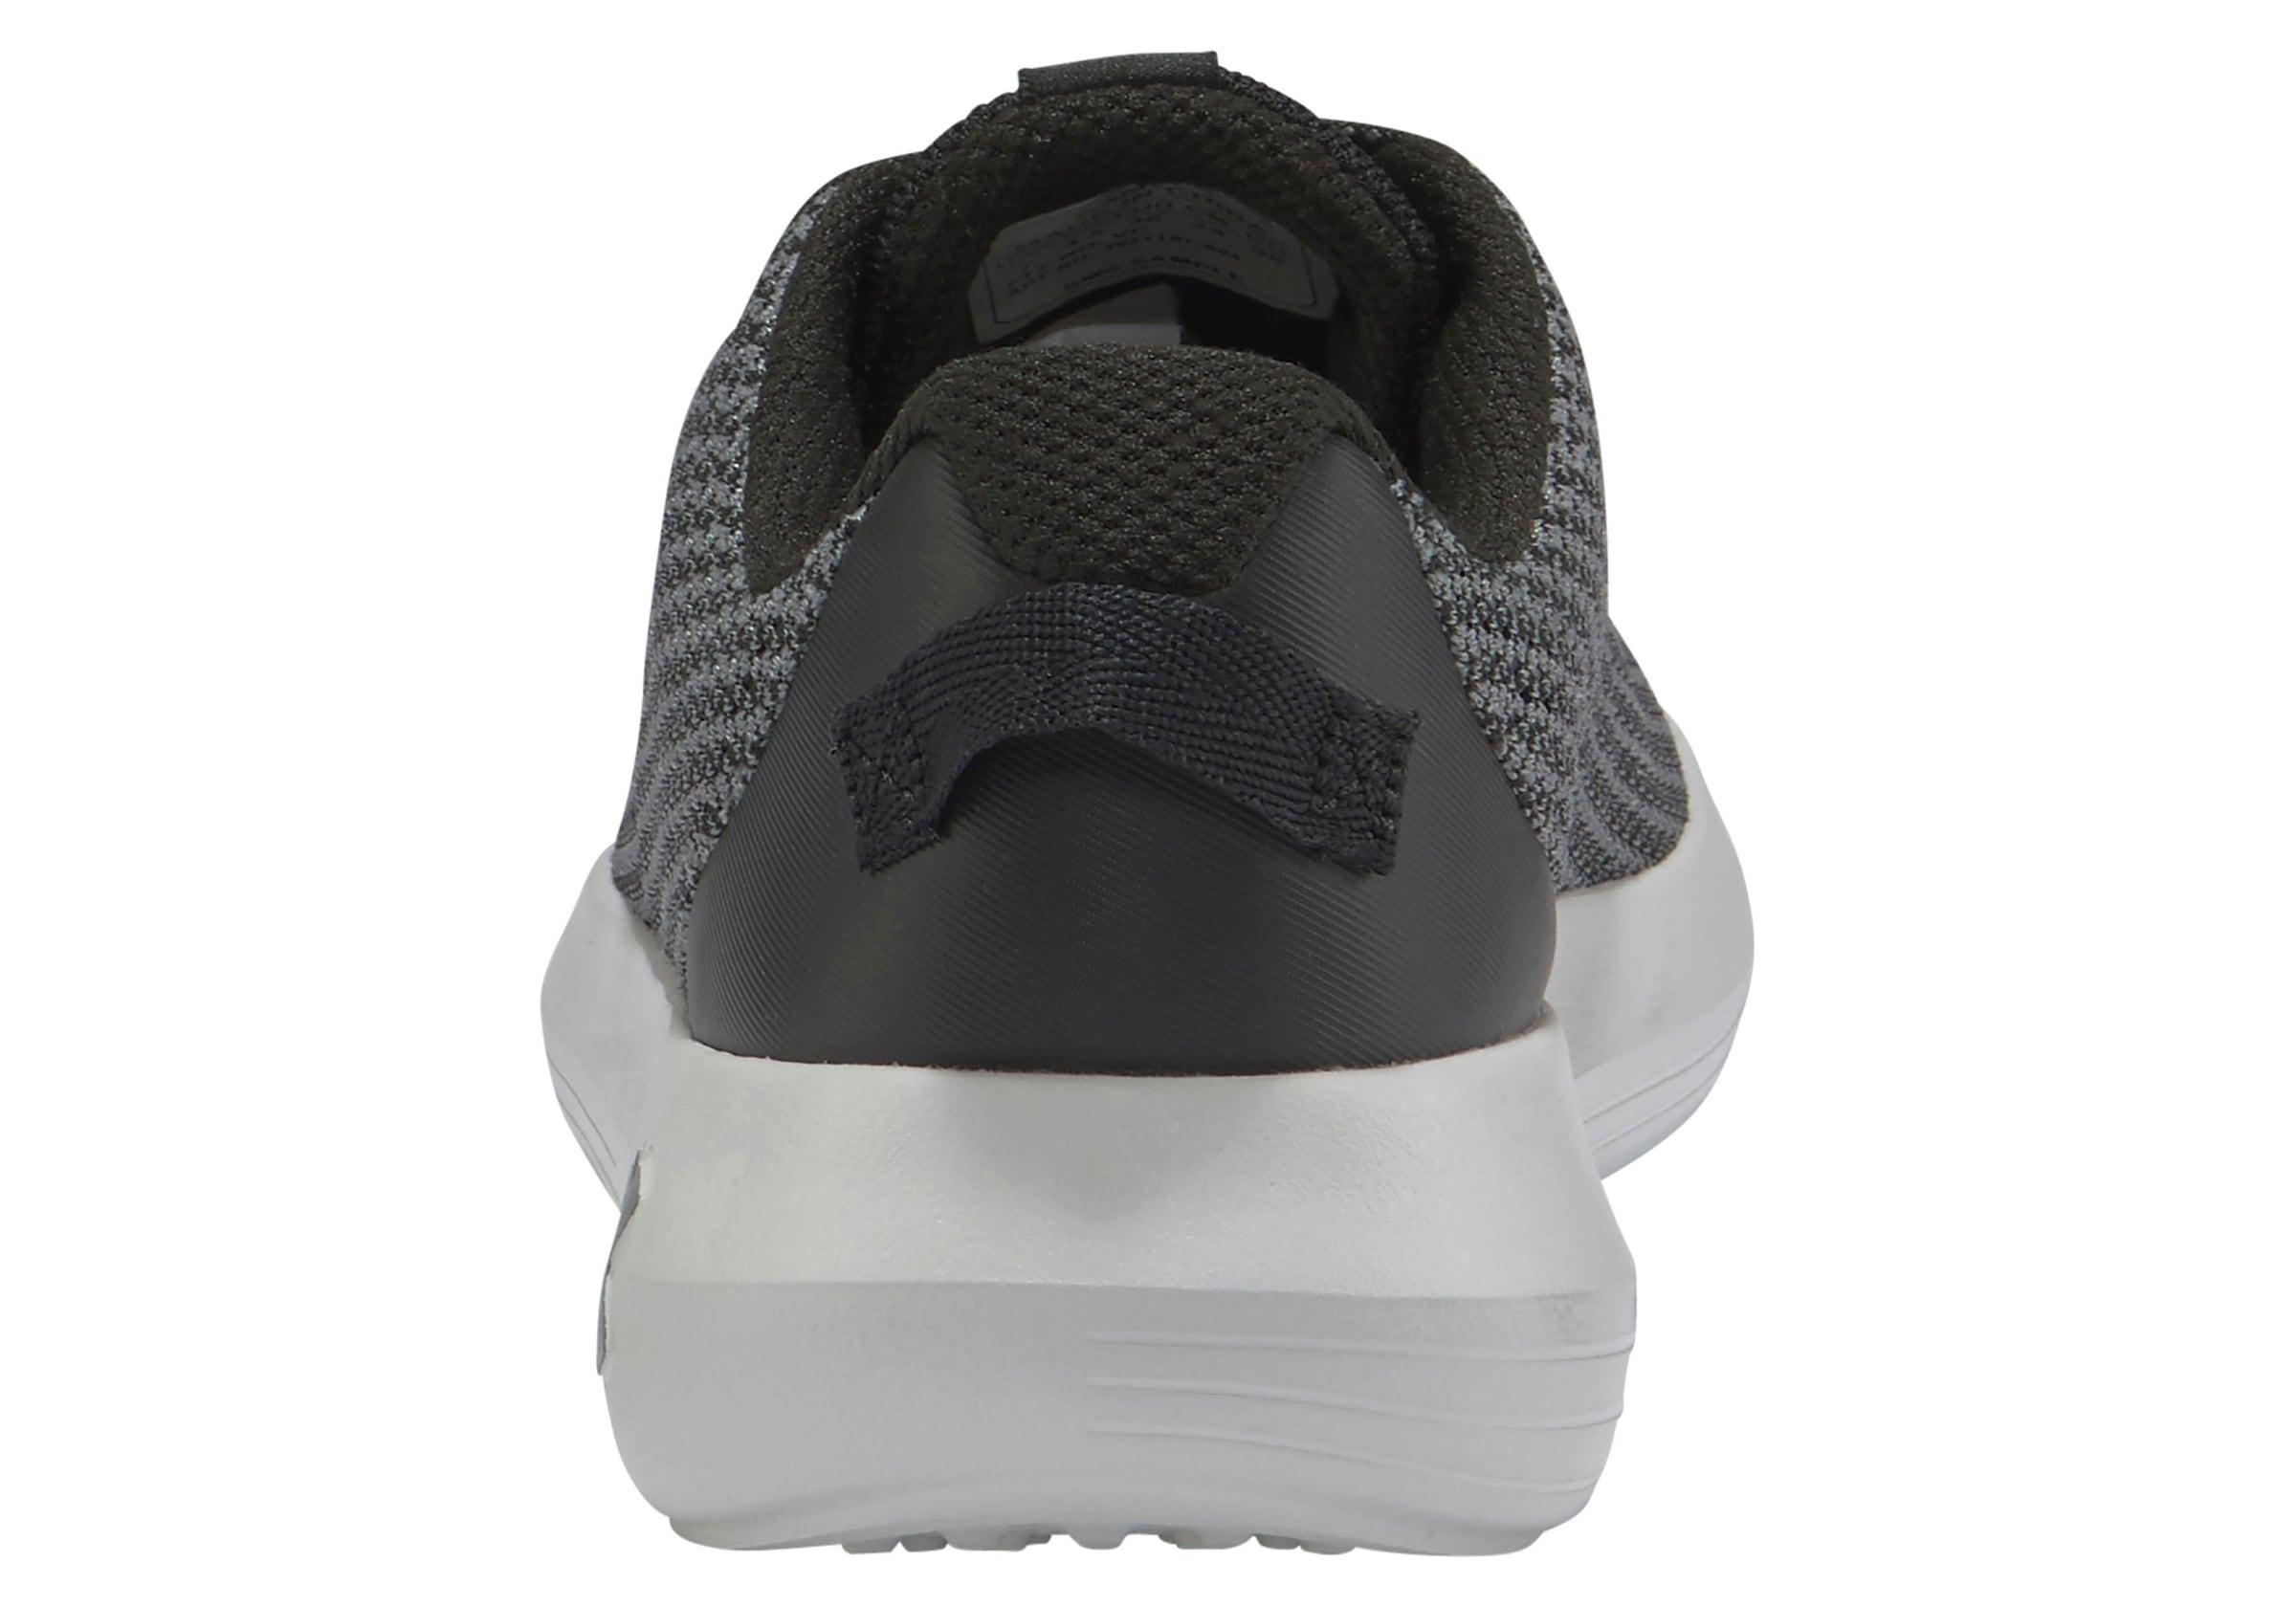 Under Armour Sneaker W Ripple gnstig kaufen | Gutes Gutes Gutes Preis-Leistungs-Verhältnis, es lohnt sich 5f2770